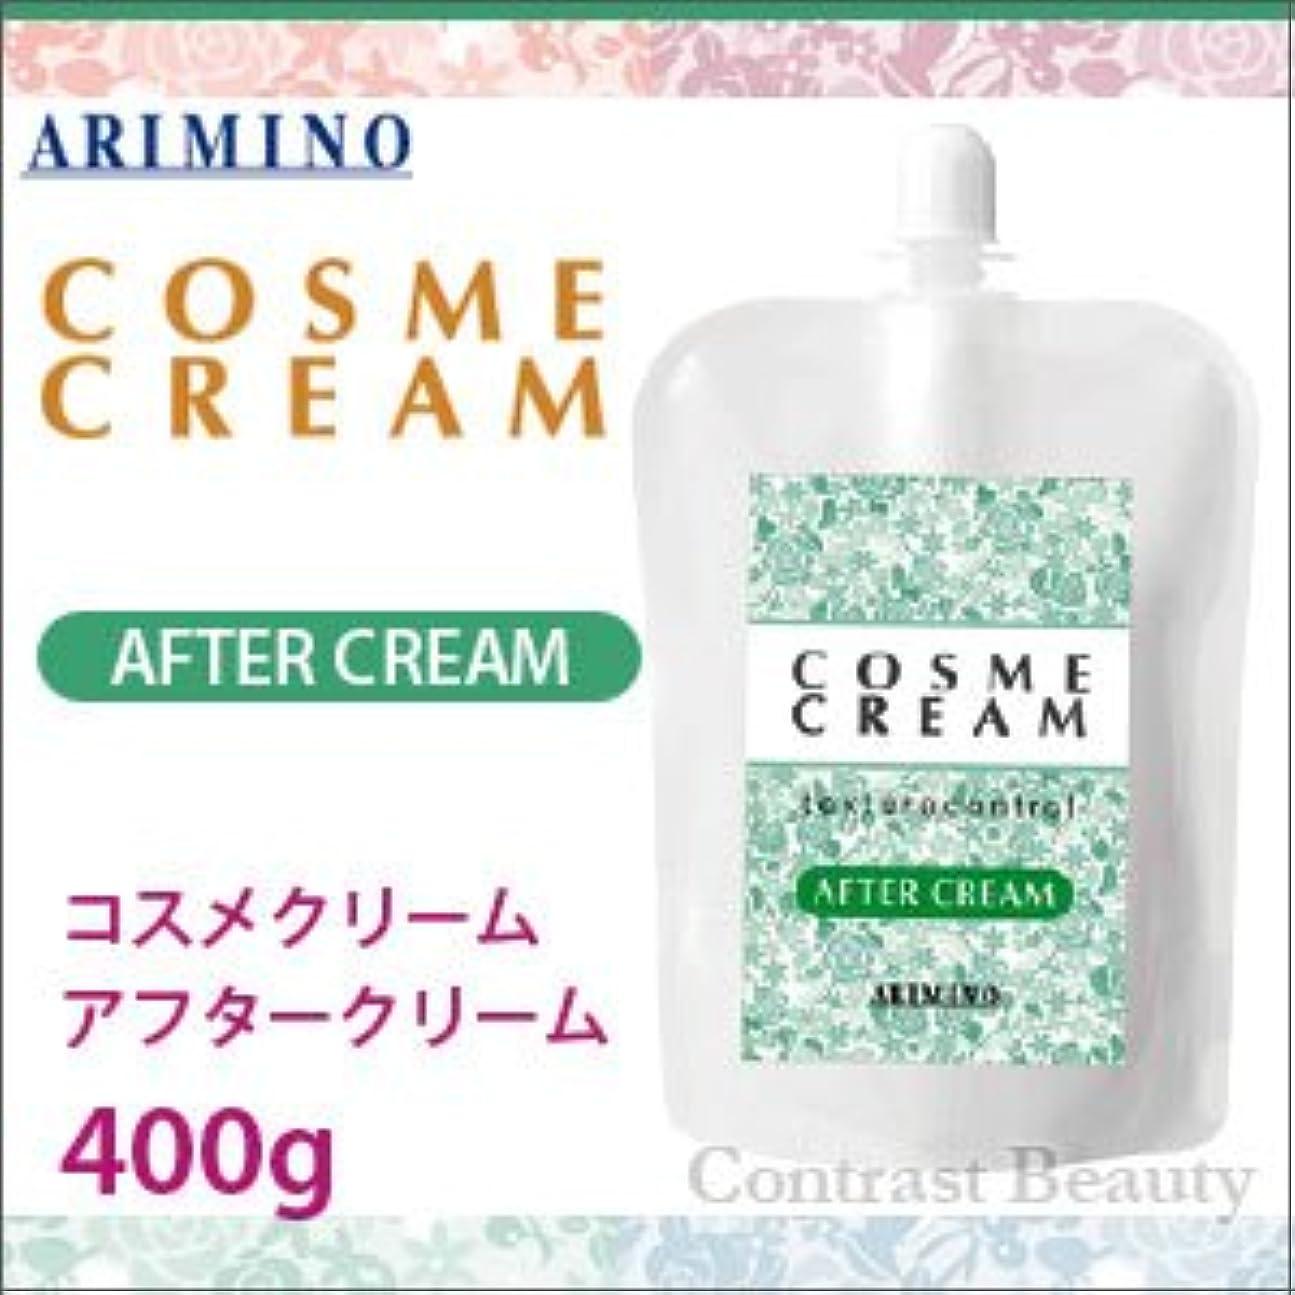 メッセージポーン距離【X5個セット】 アリミノ コスメクリーム アフタークリーム 400g